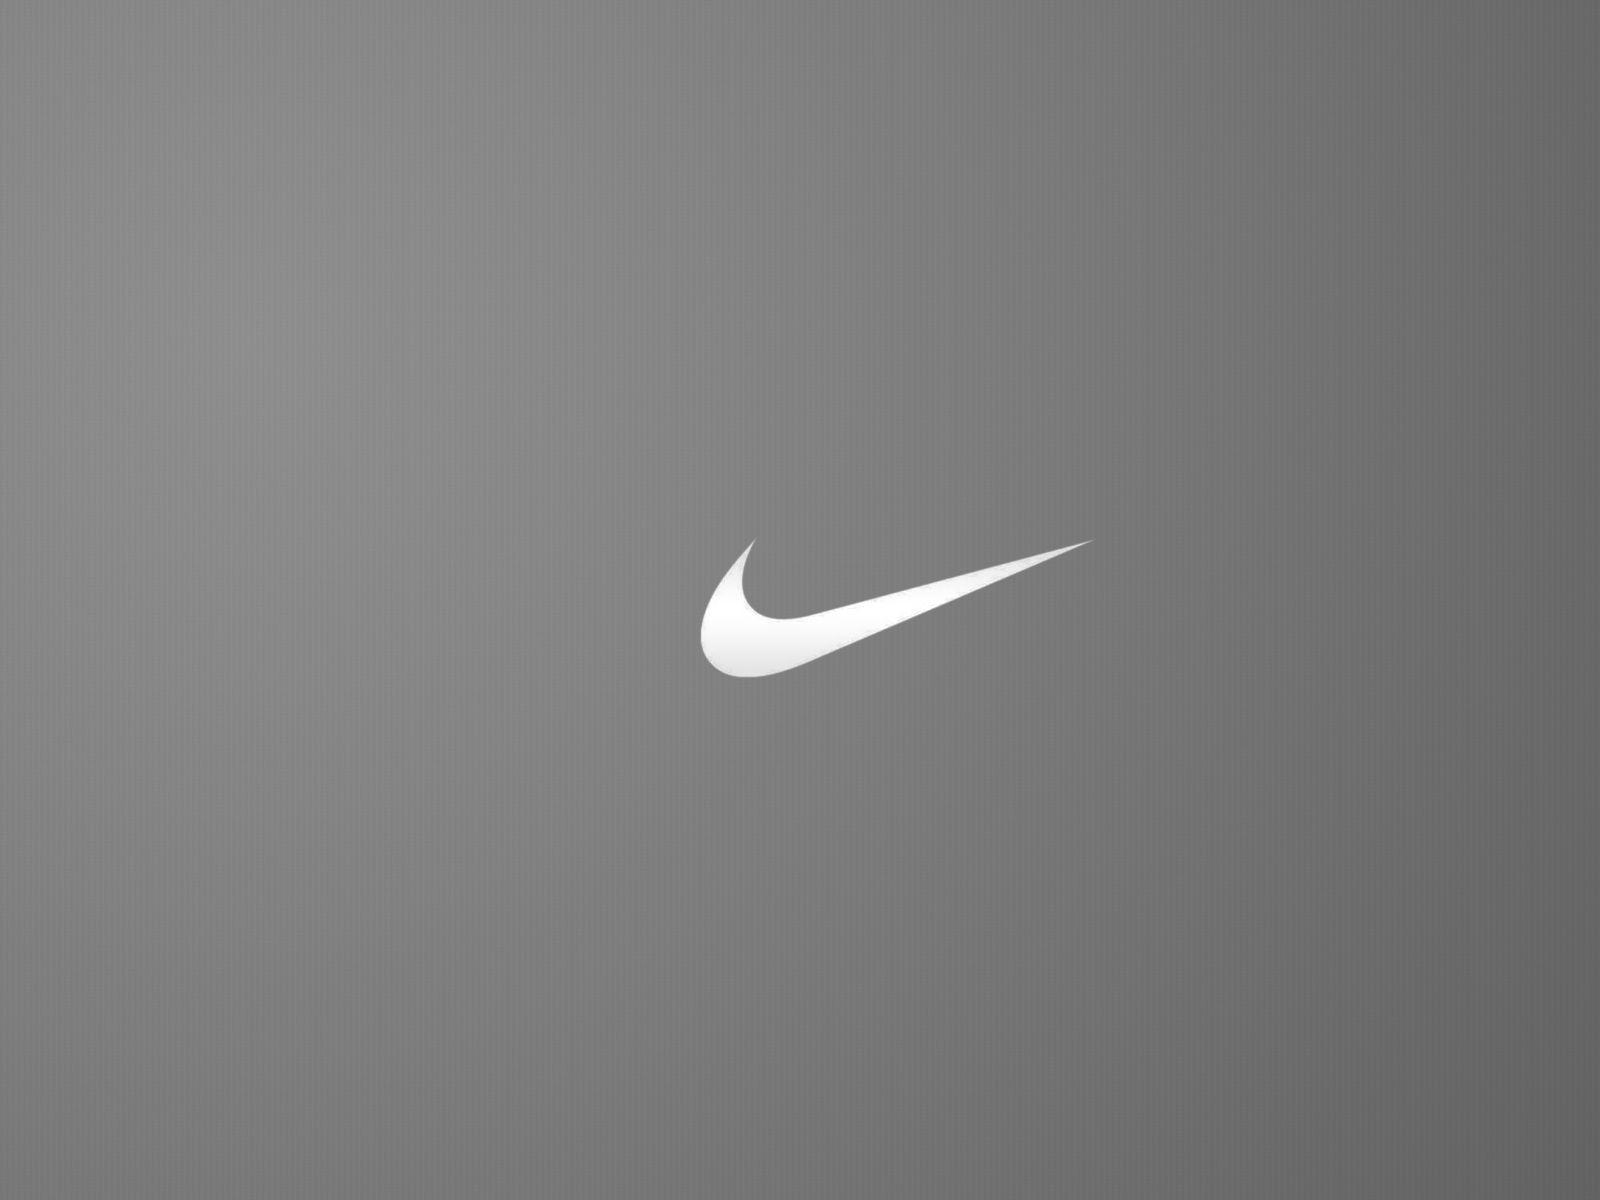 Logo nike wallpaper wallpapersafari - Nike Swoosh Wallpaper Wallpapersafari